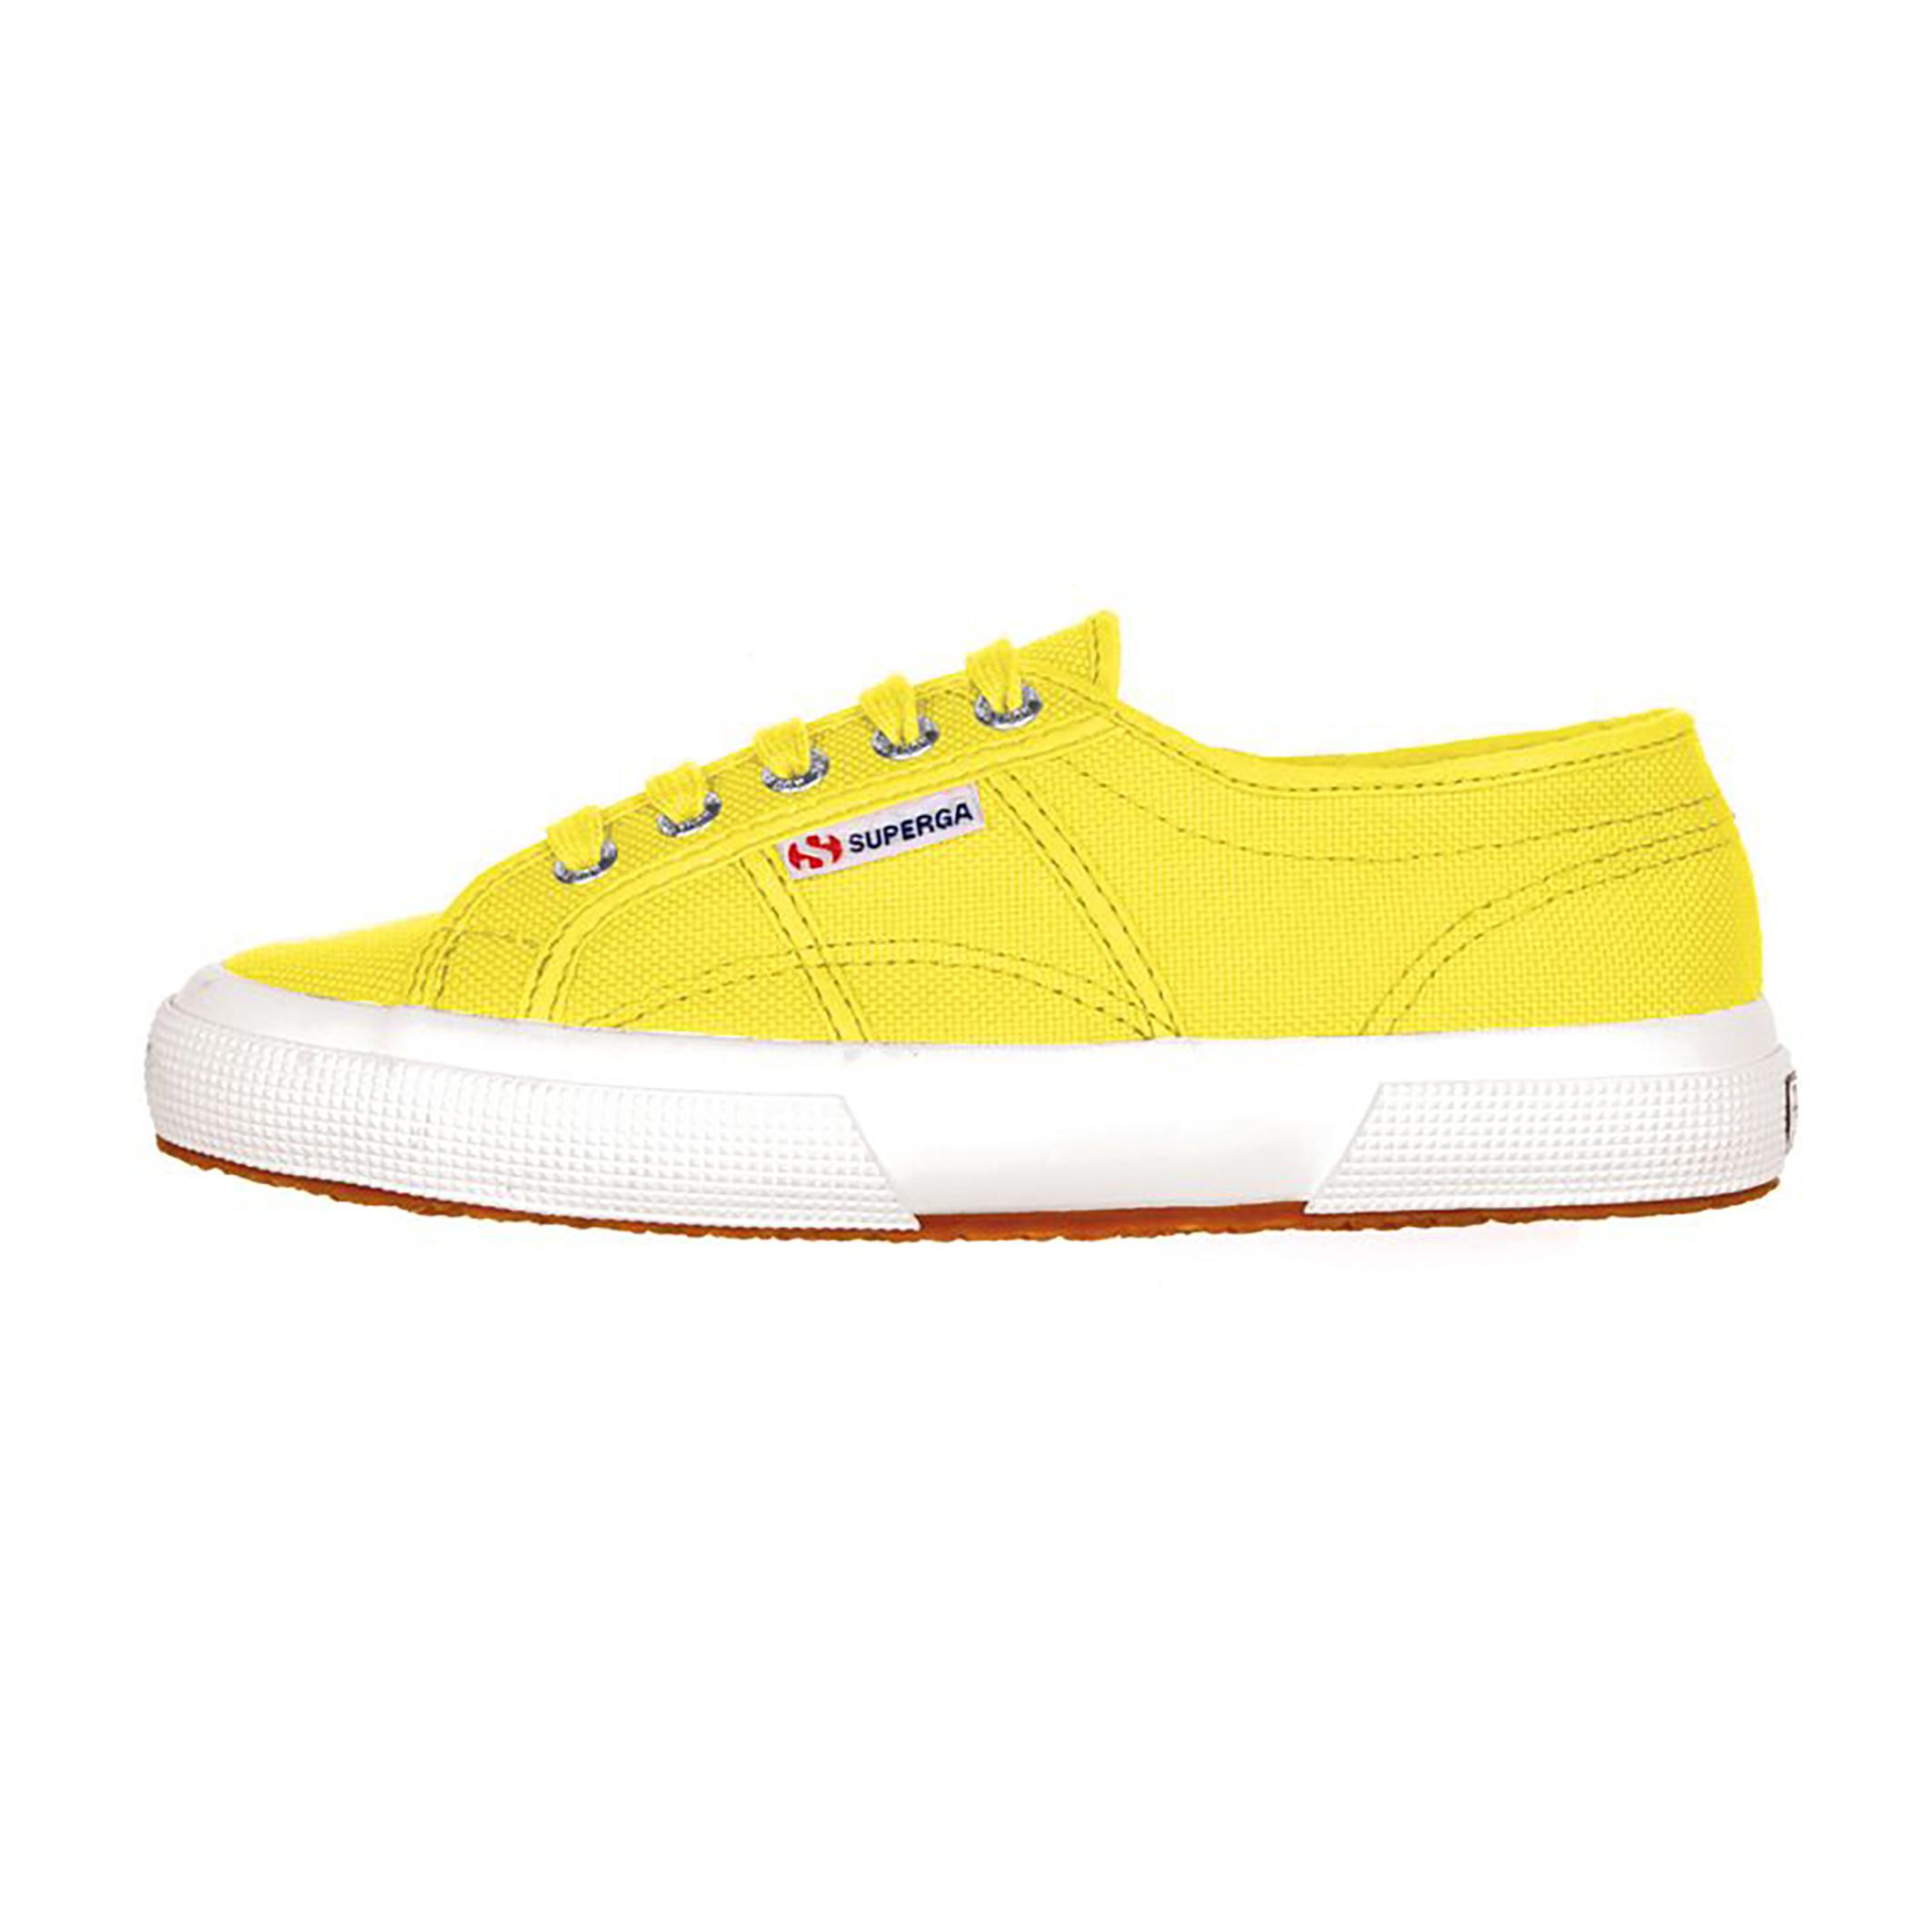 Clásico zapato Superga 2750 unisex: zapato deportivo en lona para hombre y mujer. Con empeine en pur